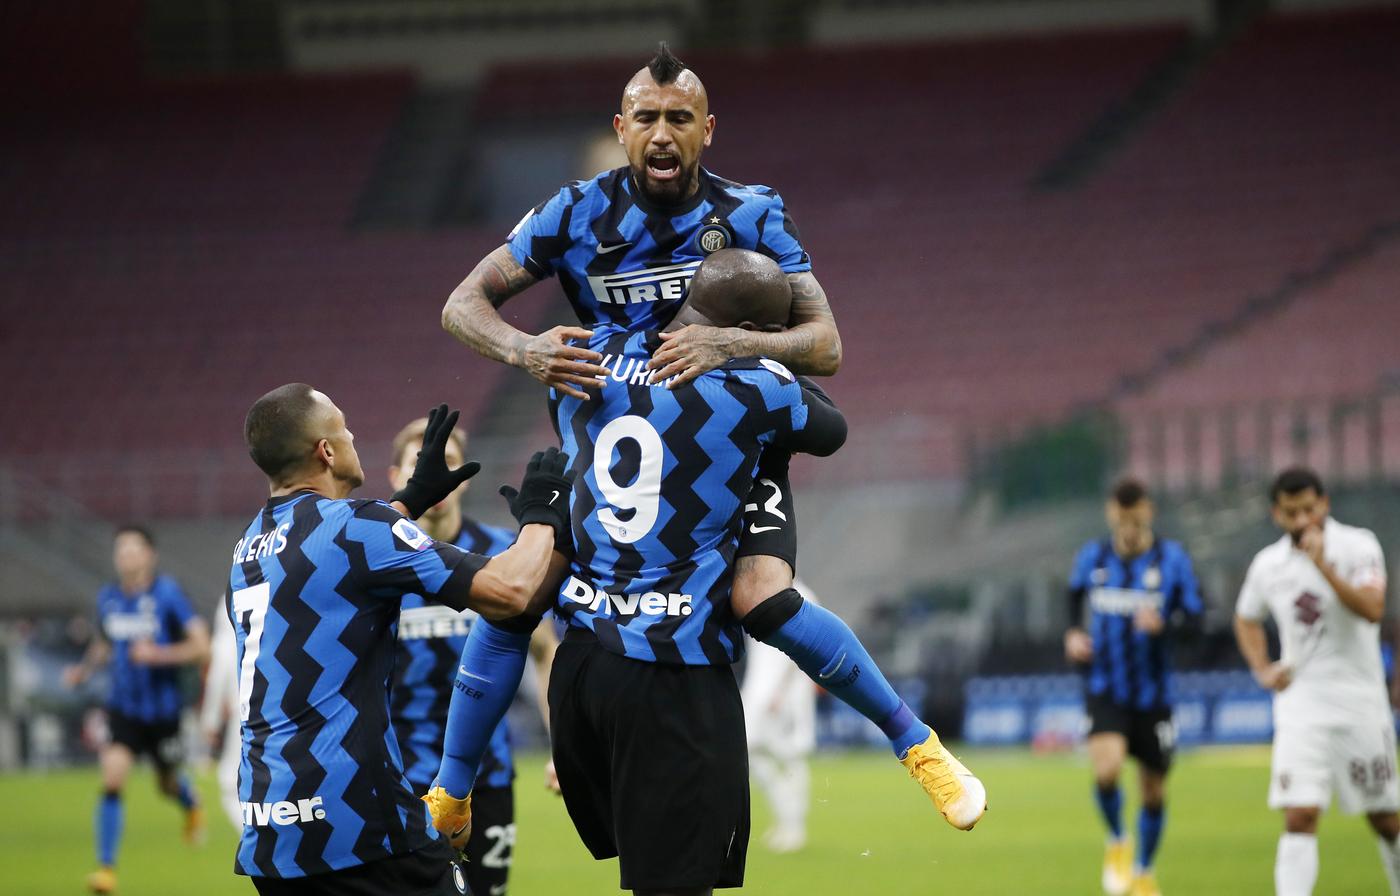 LIVE – Fiorentina Polisportiva C4 Foligno 1 0, amichevole precampionato 2021 (DIRETTA)